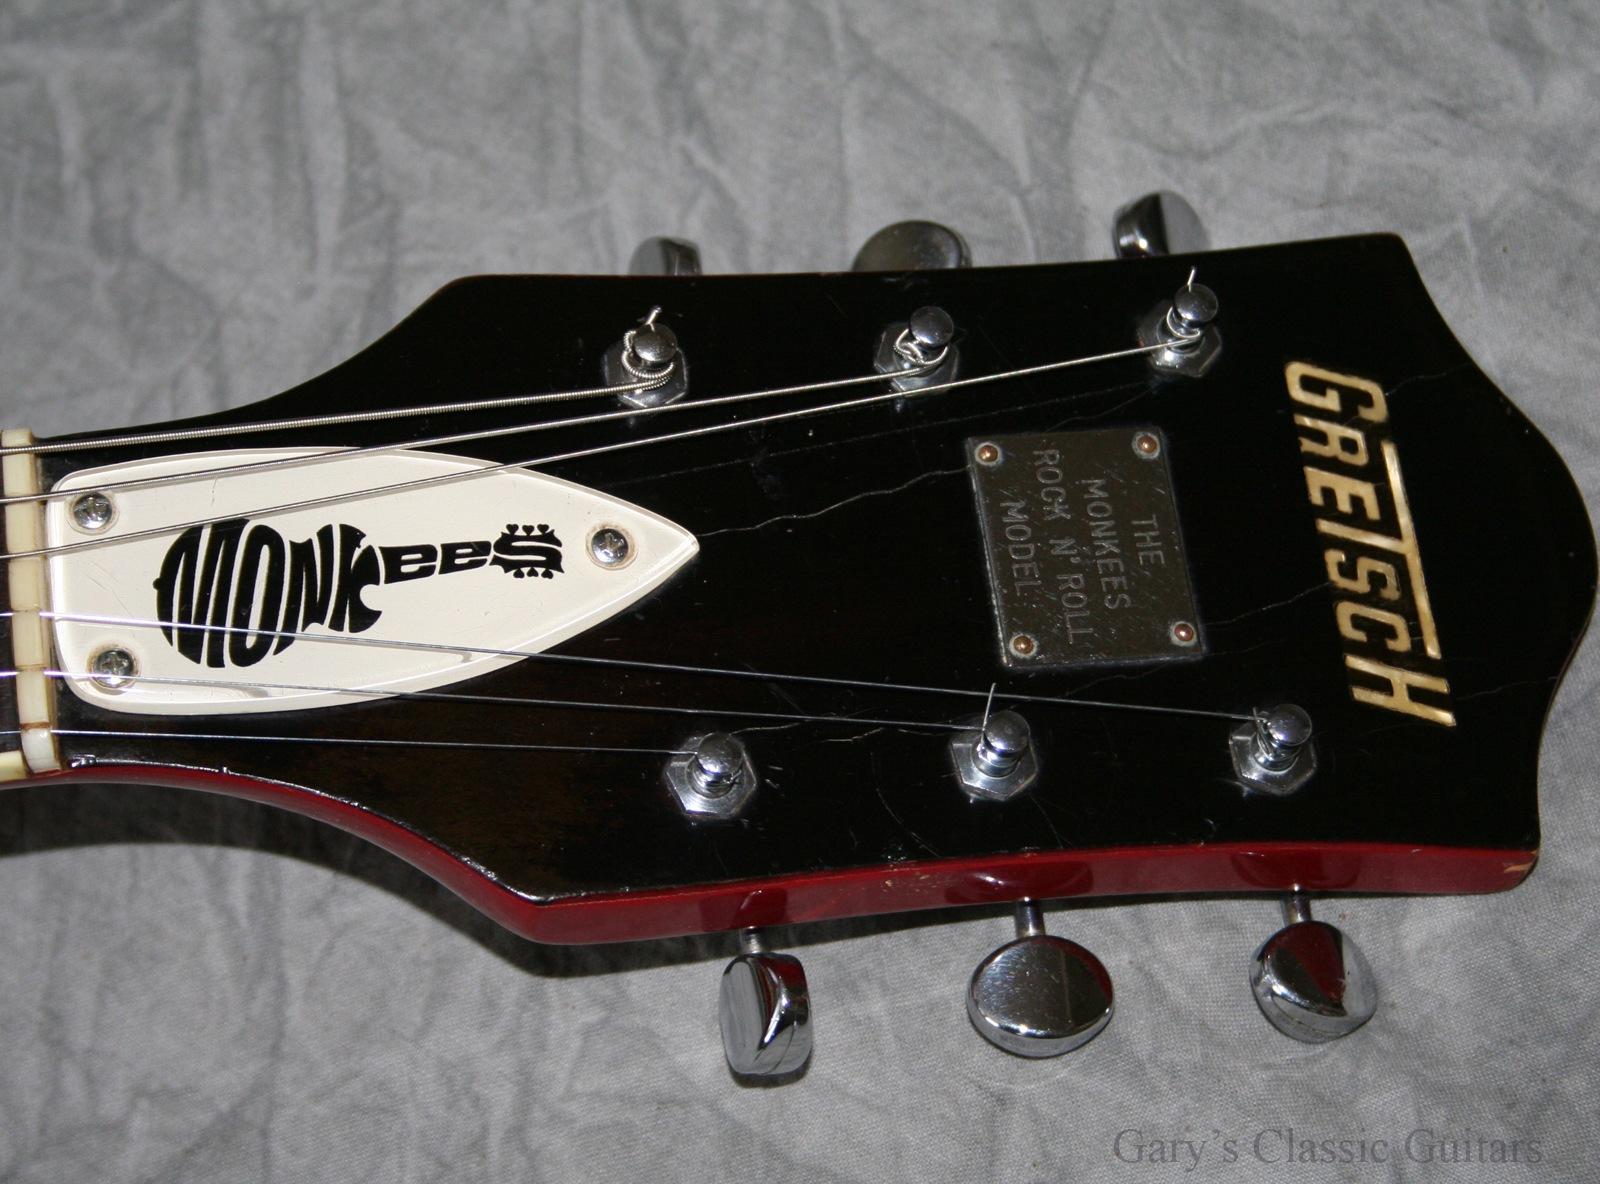 1967 gretsch monkees rock n 39 roll model gre0333 garys - Rock n roll mobel ...